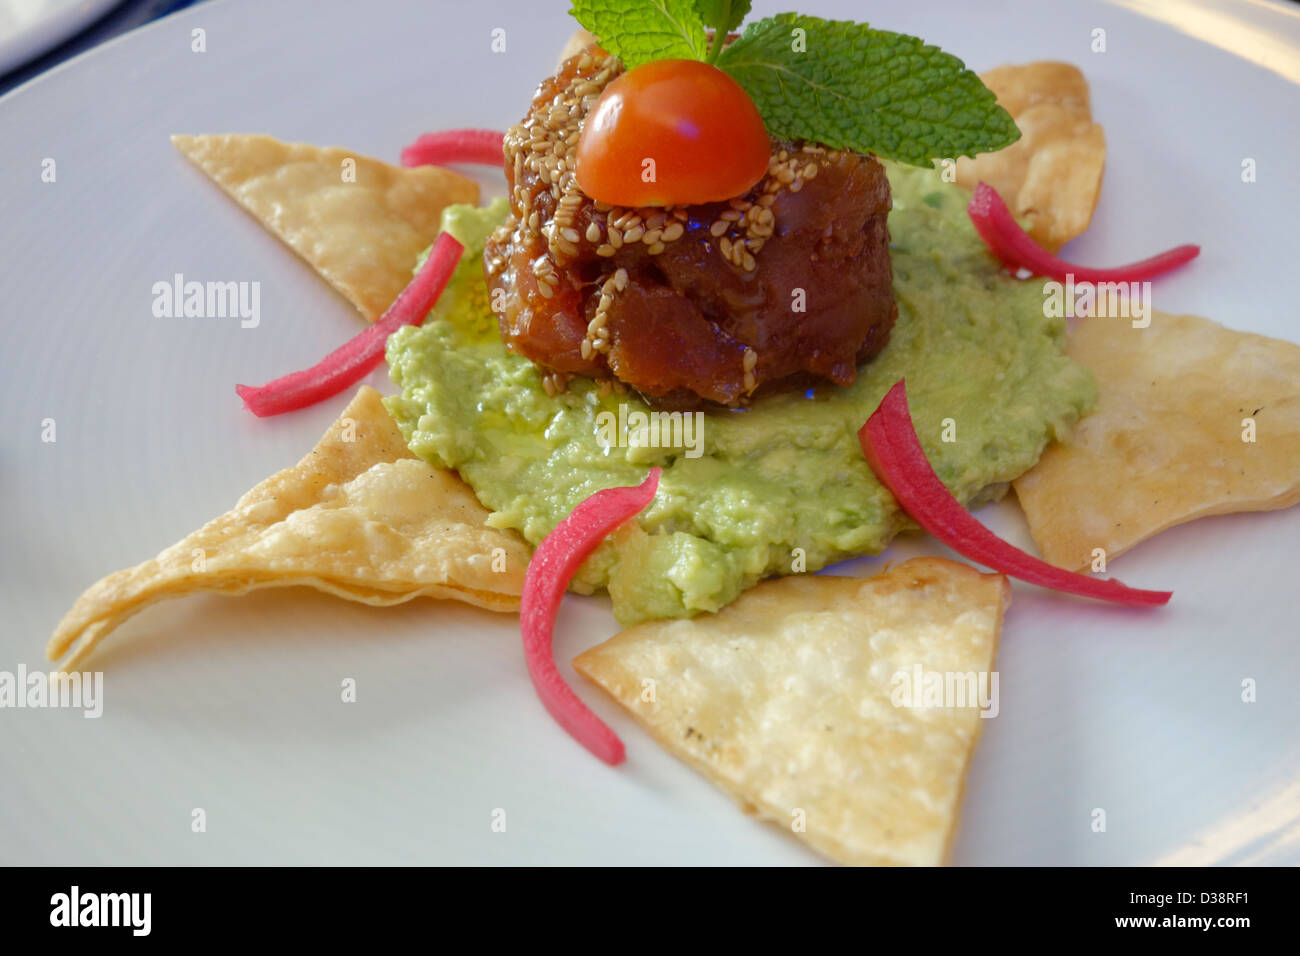 Tapa de atún tortilla de guacamole comida mexicana Madrid España Imagen De Stock